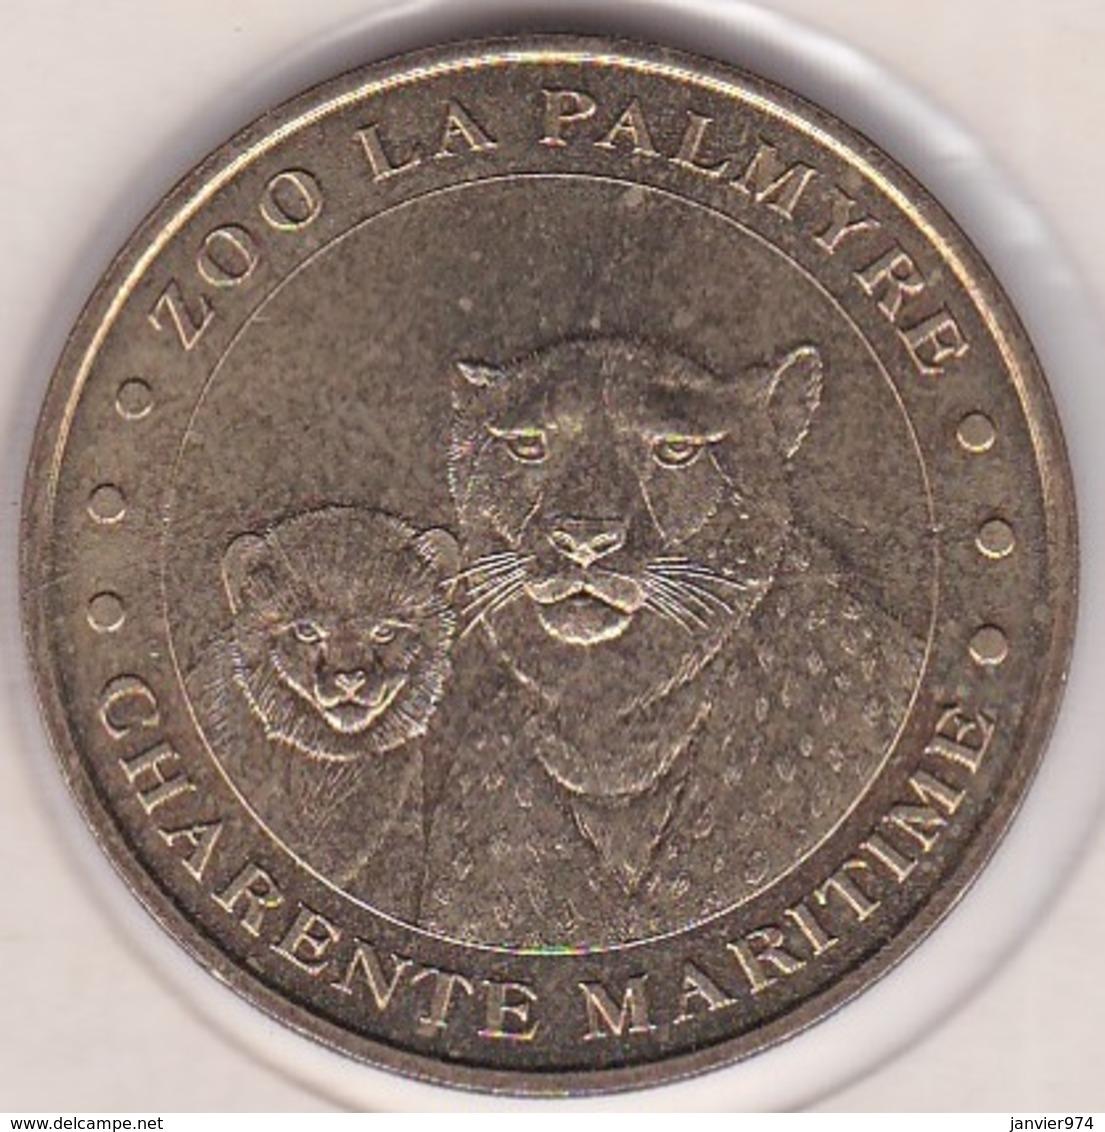 17. Charente Maritime.  Zoo La Palmyre Guépards 2005. Monnaie De Paris - 2005